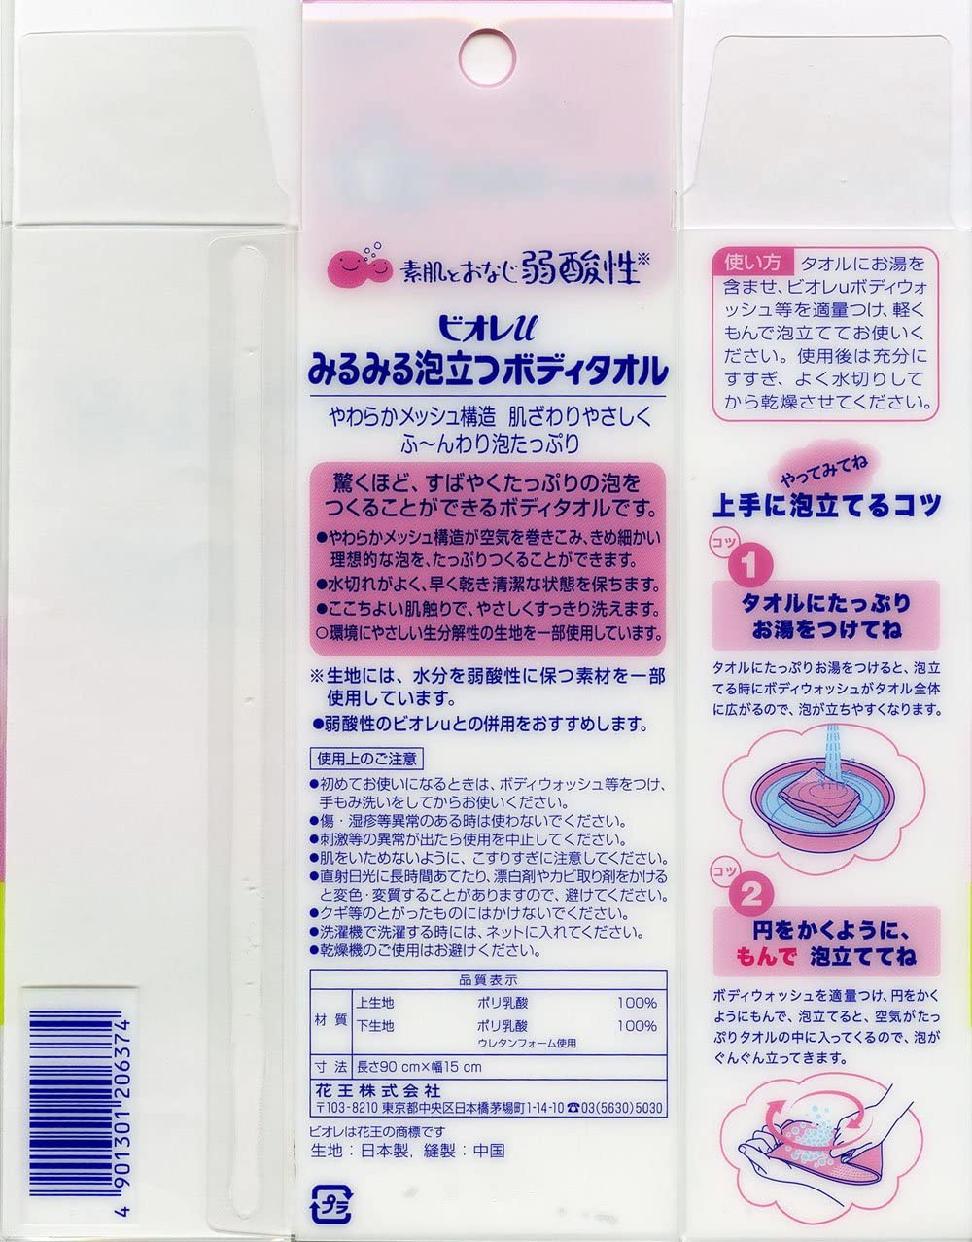 Bioré u(ビオレ u)みるみる泡立つボディタオルの商品画像2